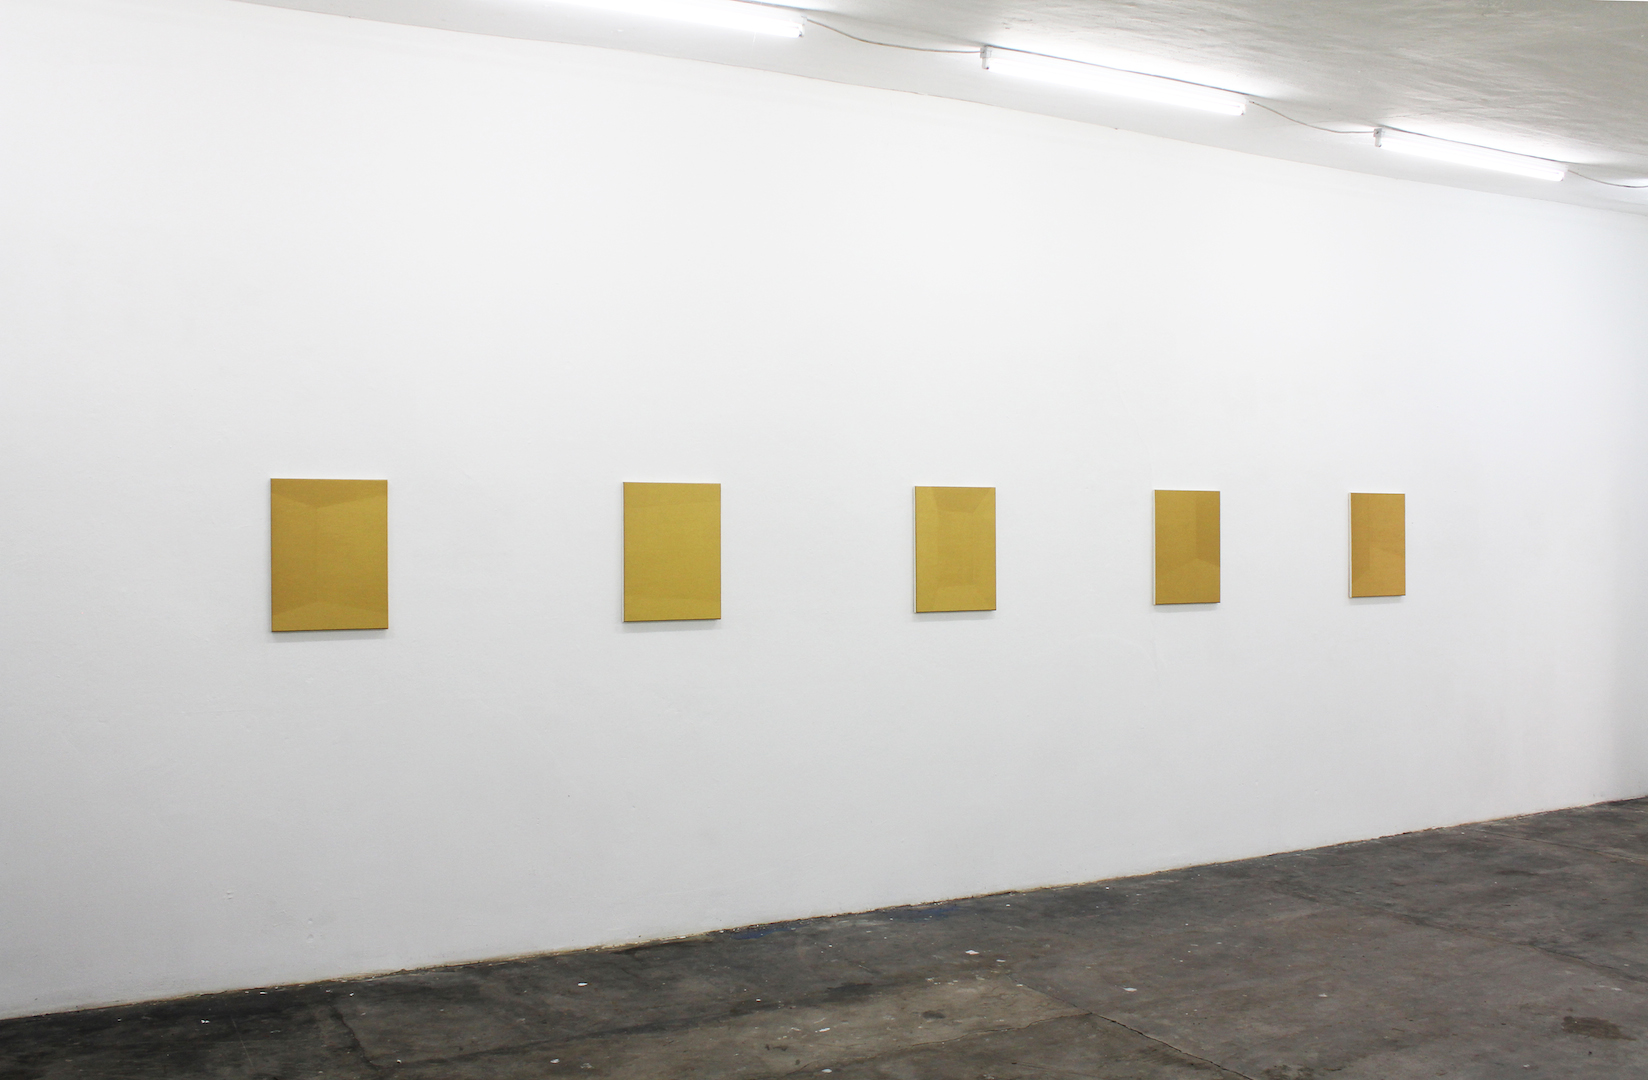 Futo Akiyoshi Installation shot of From a Quiet Distance, 2014 at PARKHAUS im Malkastenpark, Düsseldorf